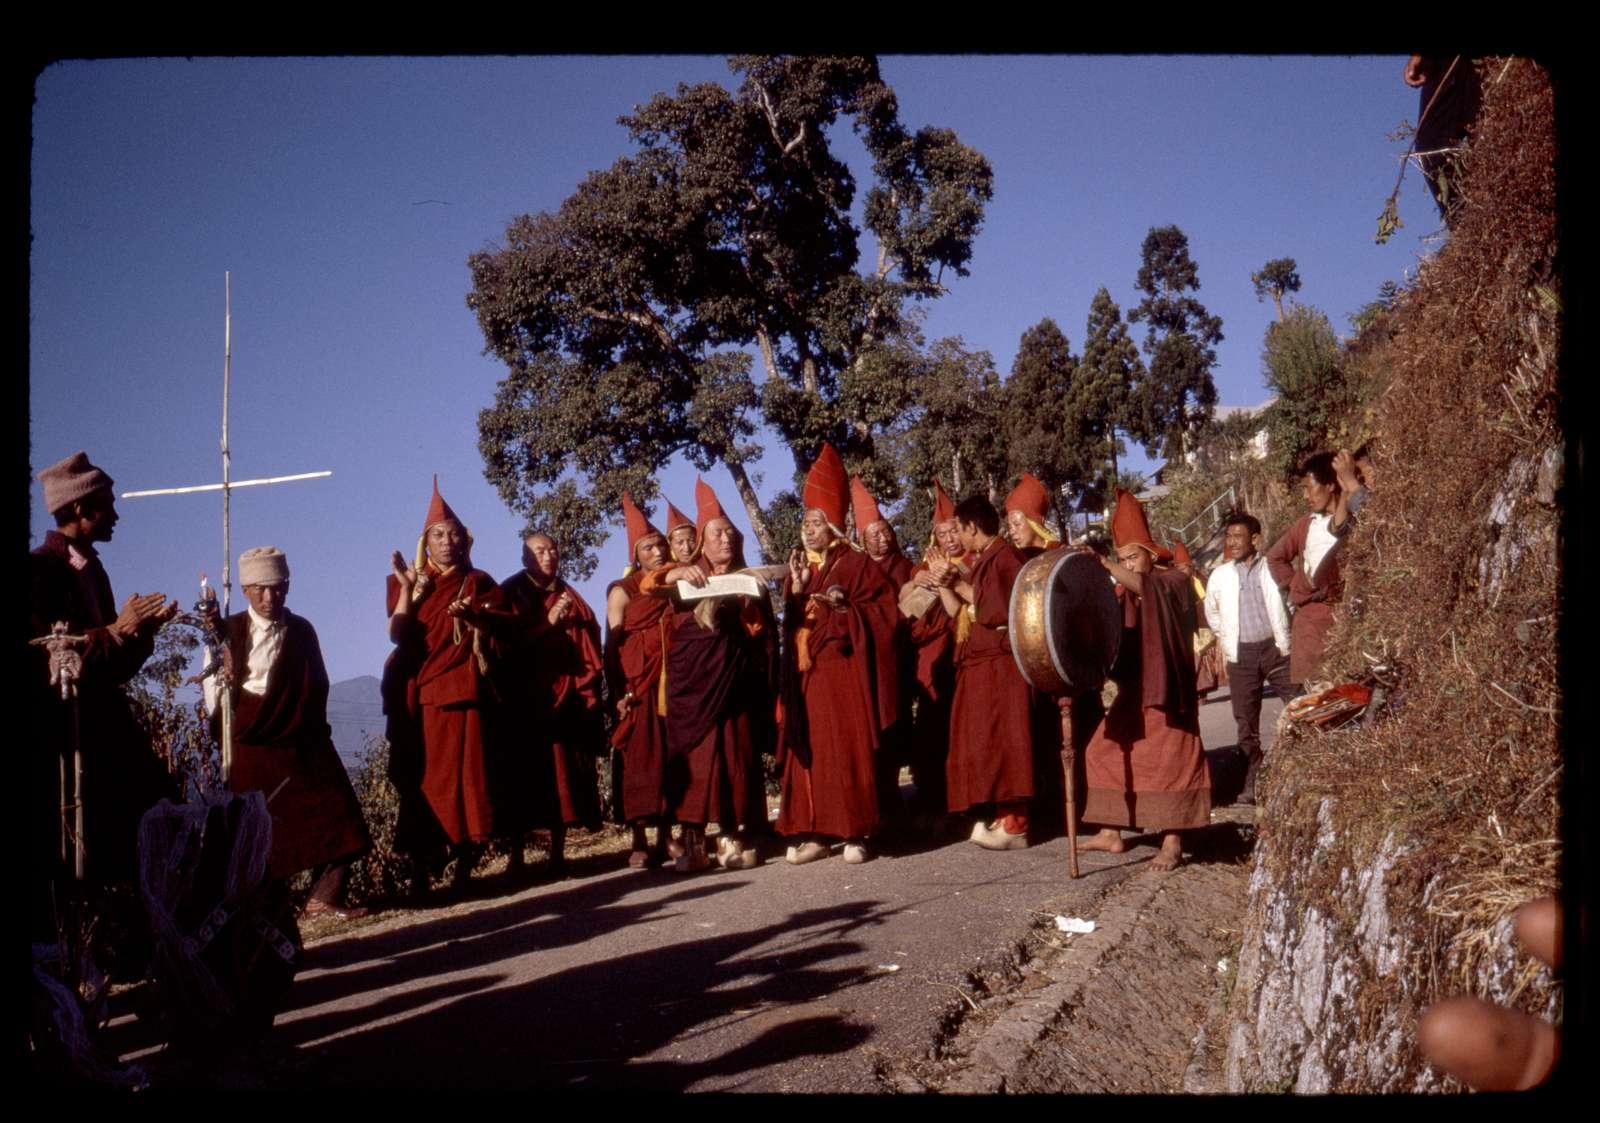 [Lamas praying as they walk down the mountain to perform religious sacrifice, Sikkim]